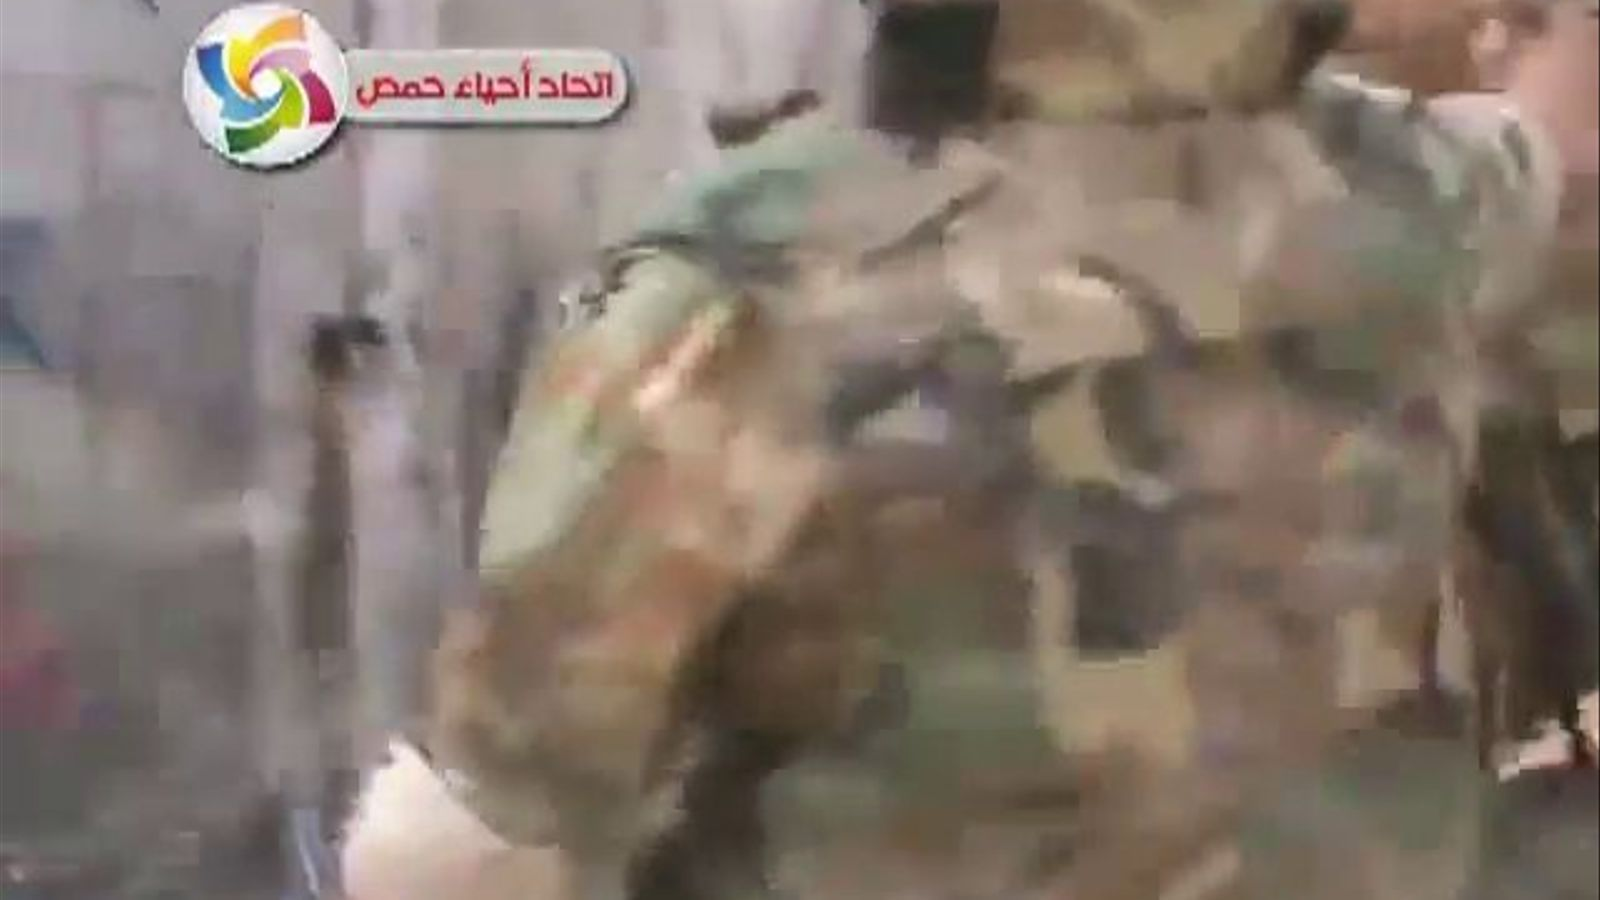 Els soldats es neguen a reprimir i se sumen a les protestes